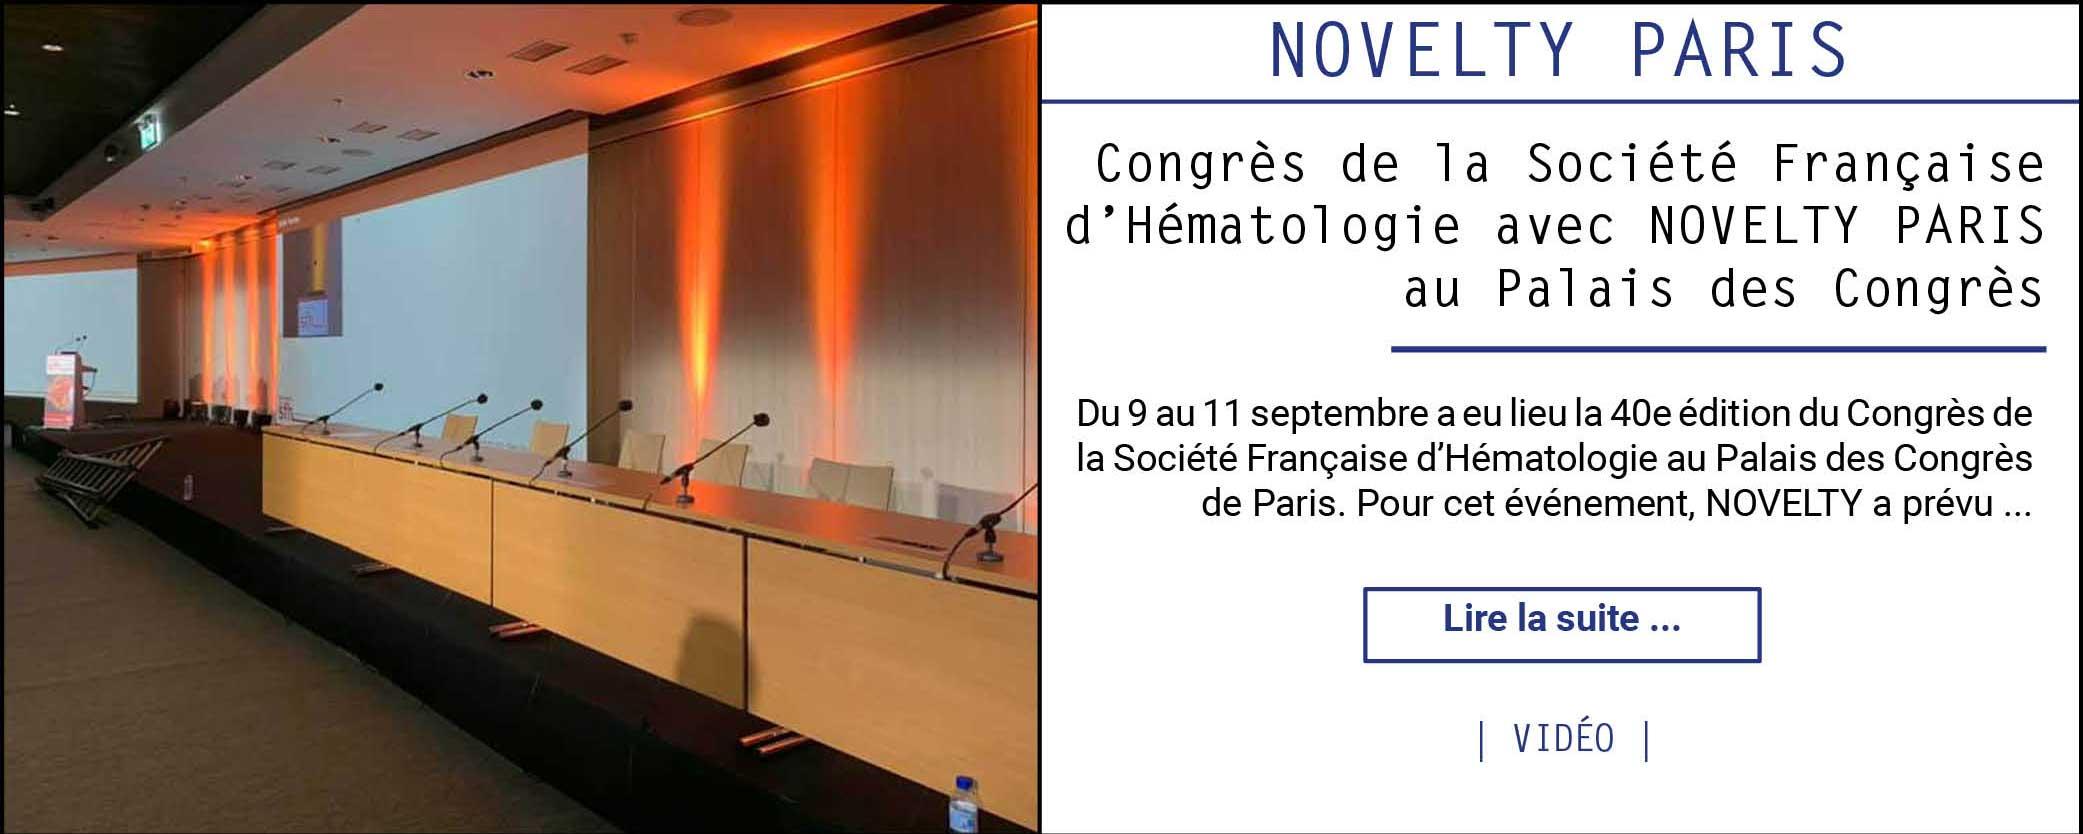 Congrès de la Société Française d'Hématologie